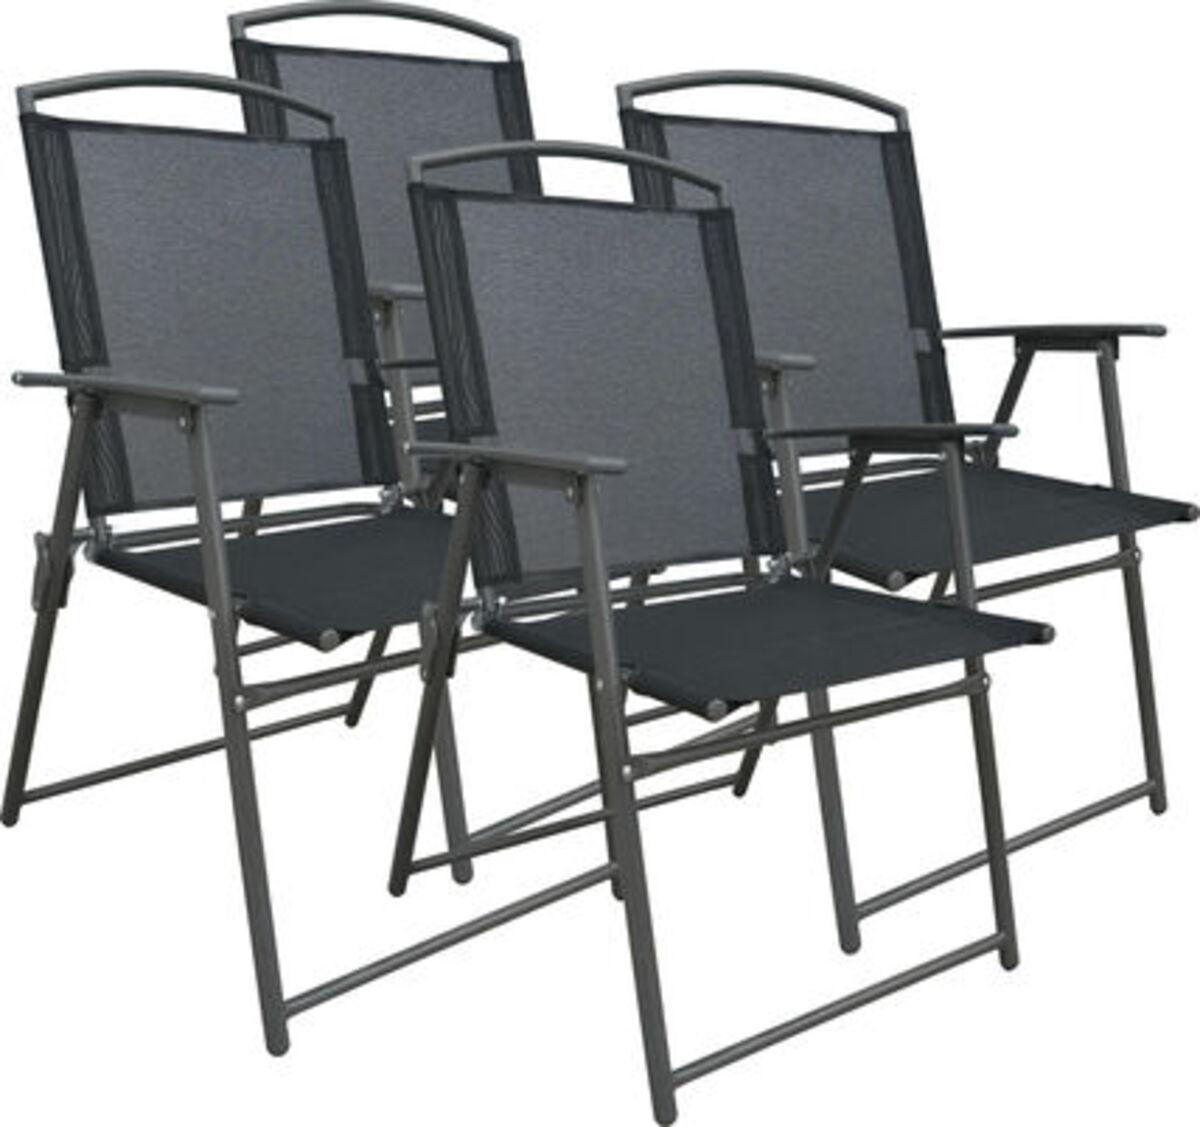 Bild 1 von Vcm Set Gartenstuhl Stühle Stuhl Metall Textilene klappbar, 4 Stühle: Anthrazit